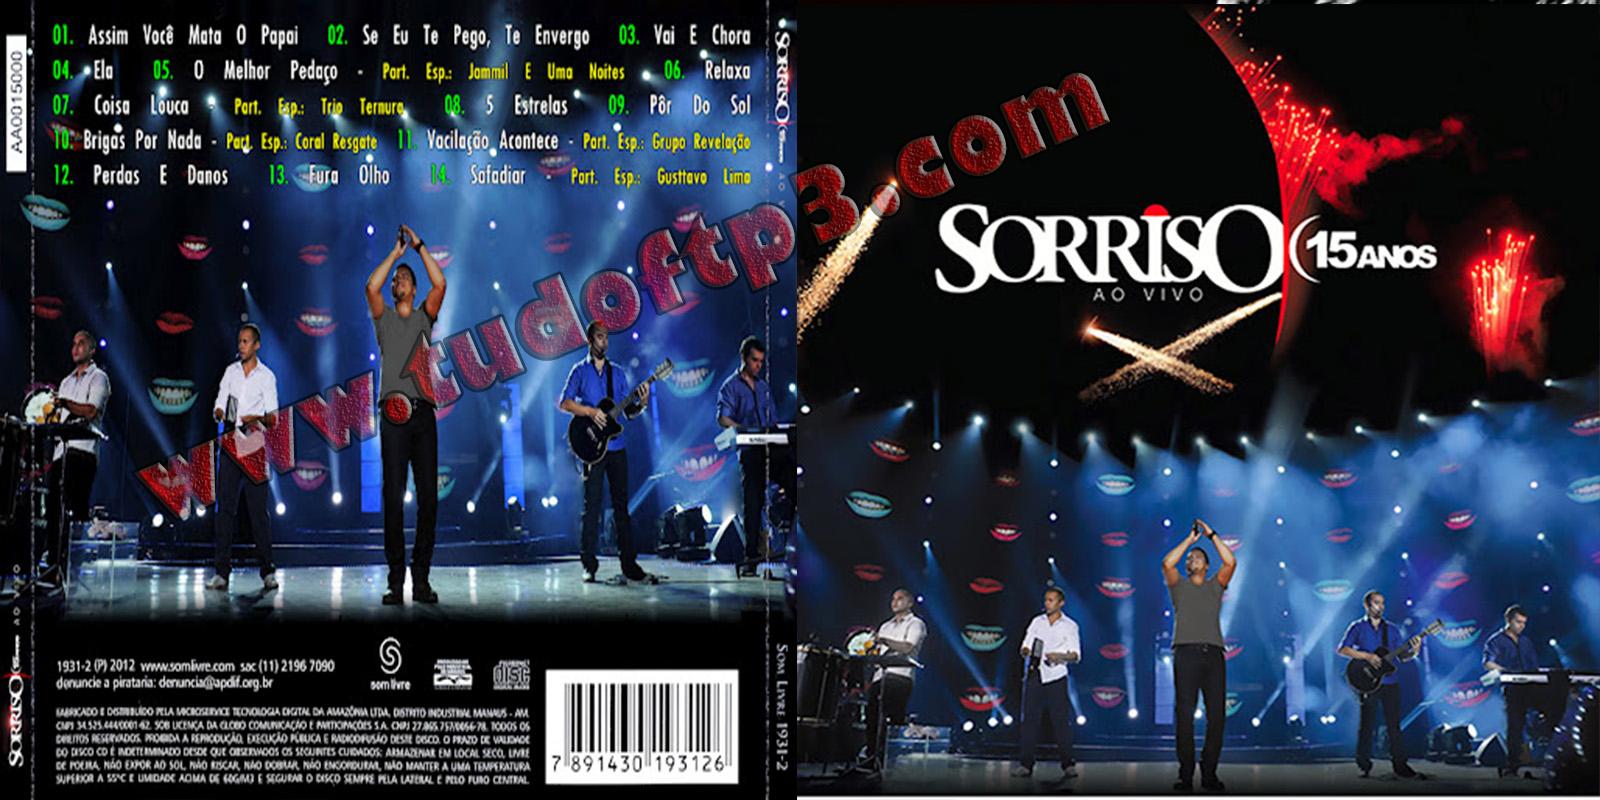 cd do sorriso maroto novo 2012